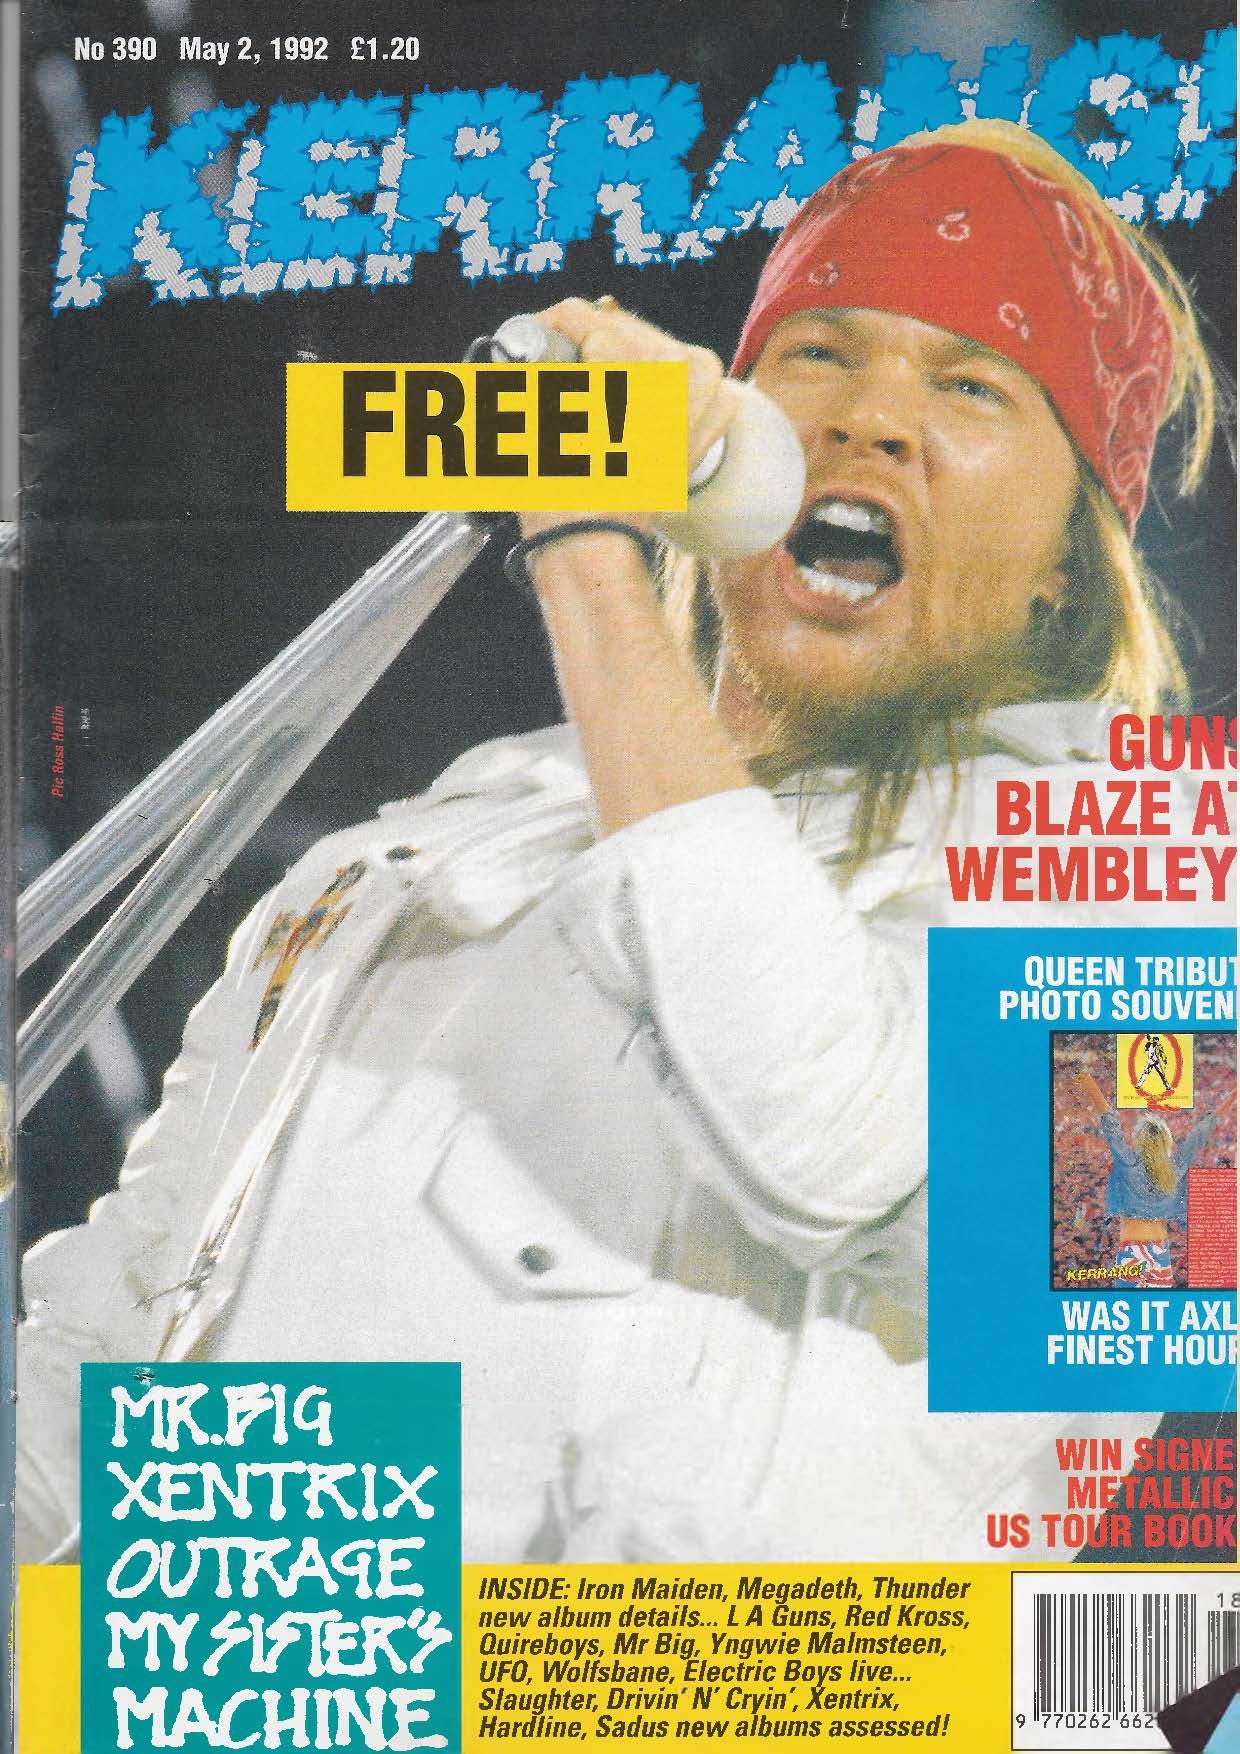 1992.04.20 - Freddie Mercury Tribute, Wembley Stadium, London, England WcTuO5wY_o